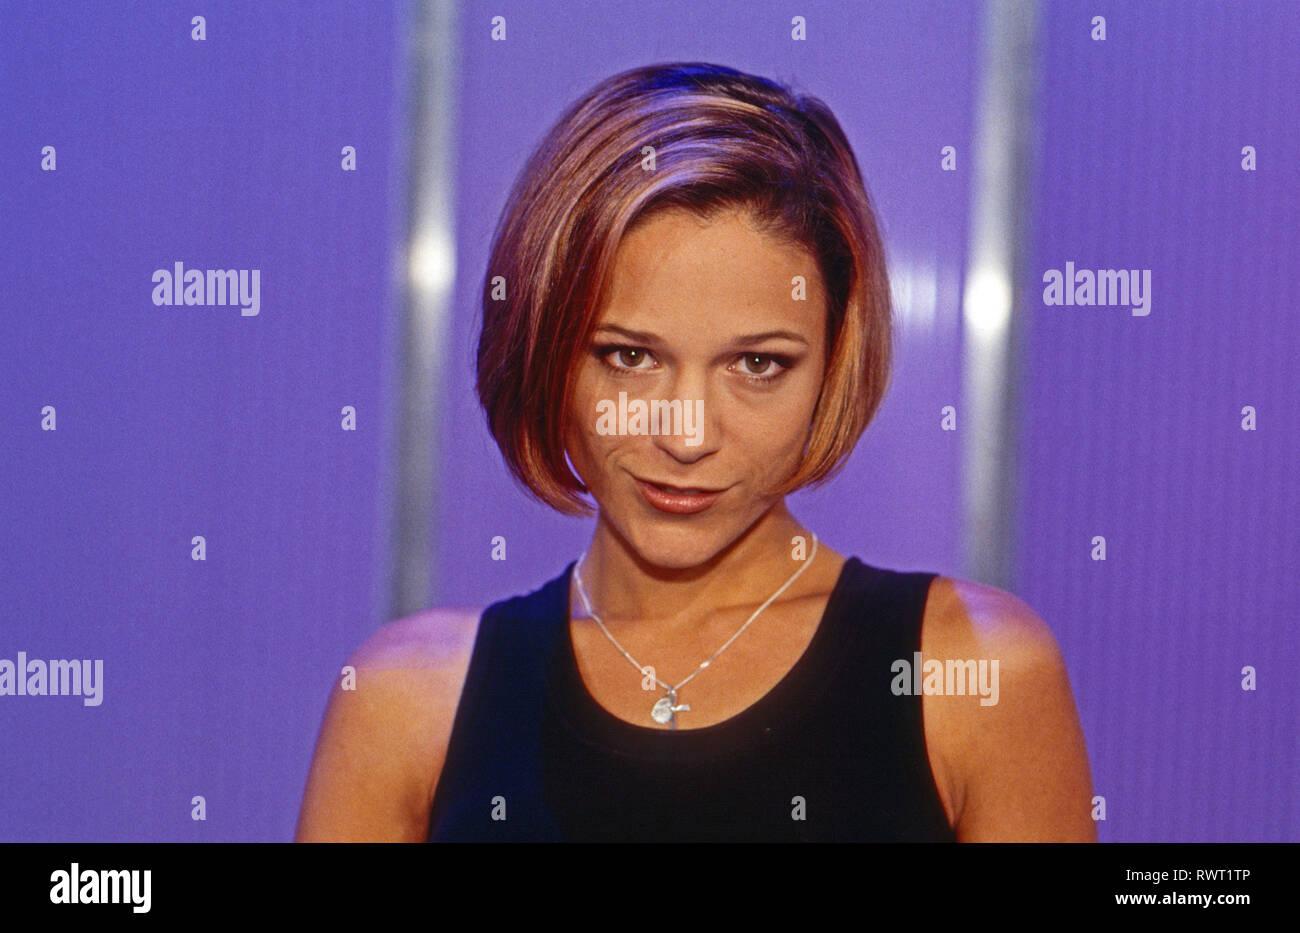 Michelle Deutsche Schlagersangerin Bei Einem Promoshooting Deutschland 1997 German Schlager Singer Michelle Posing For A Promotional Photo Shoot Germany 1997 Stock Photo Alamy